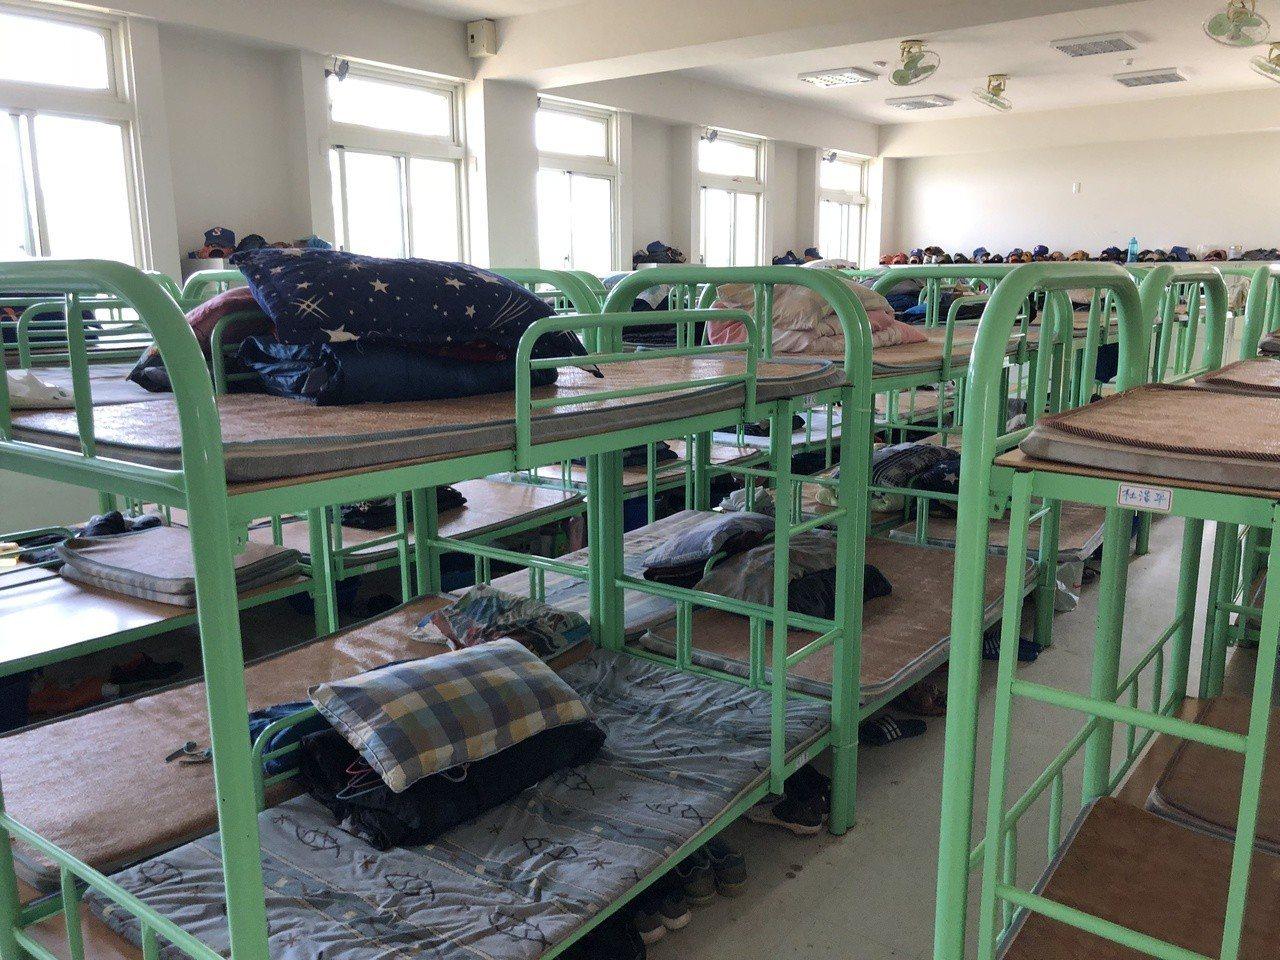 南投縣立棒球場興建三百多坪的宿舍和訓練中心相當完善,寢室可容納160人,球員都說...